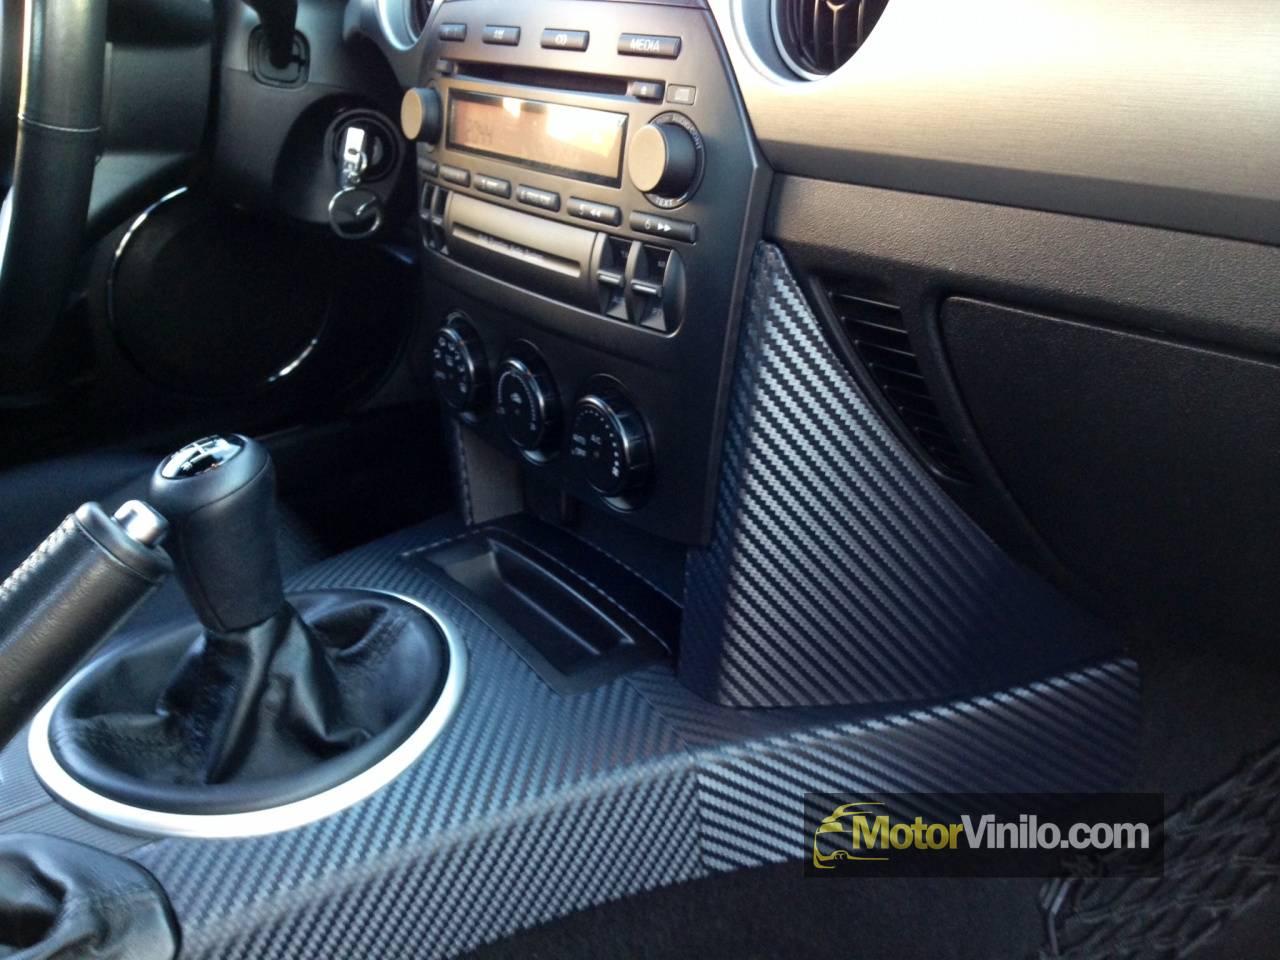 Consola central de un Mazda MX-5 forrada con vinilo de carbono 3M DI ...